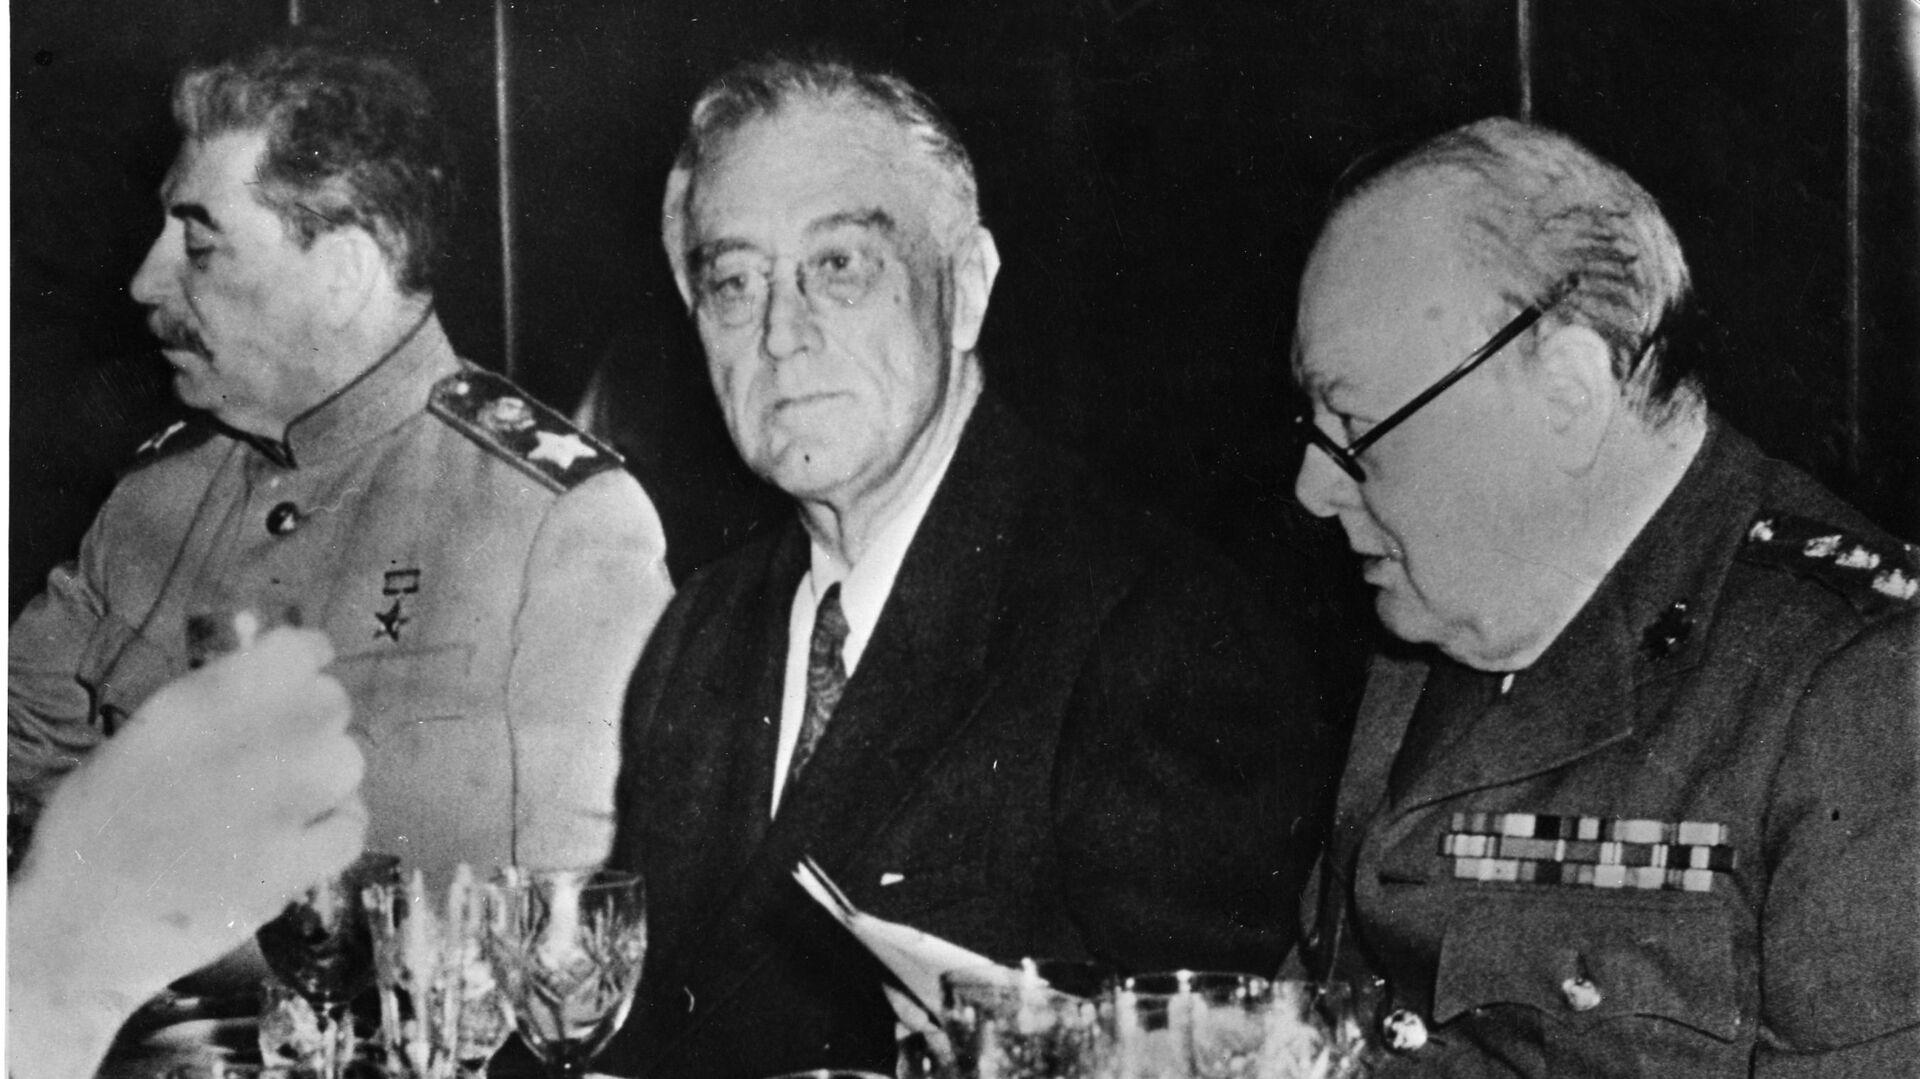 Иосиф Сталин, Франклин Рузвельт и Уинстон Черчилль во время финального ужина в Ялте. 11 февраля 1945  - РИА Новости, 1920, 17.12.2020